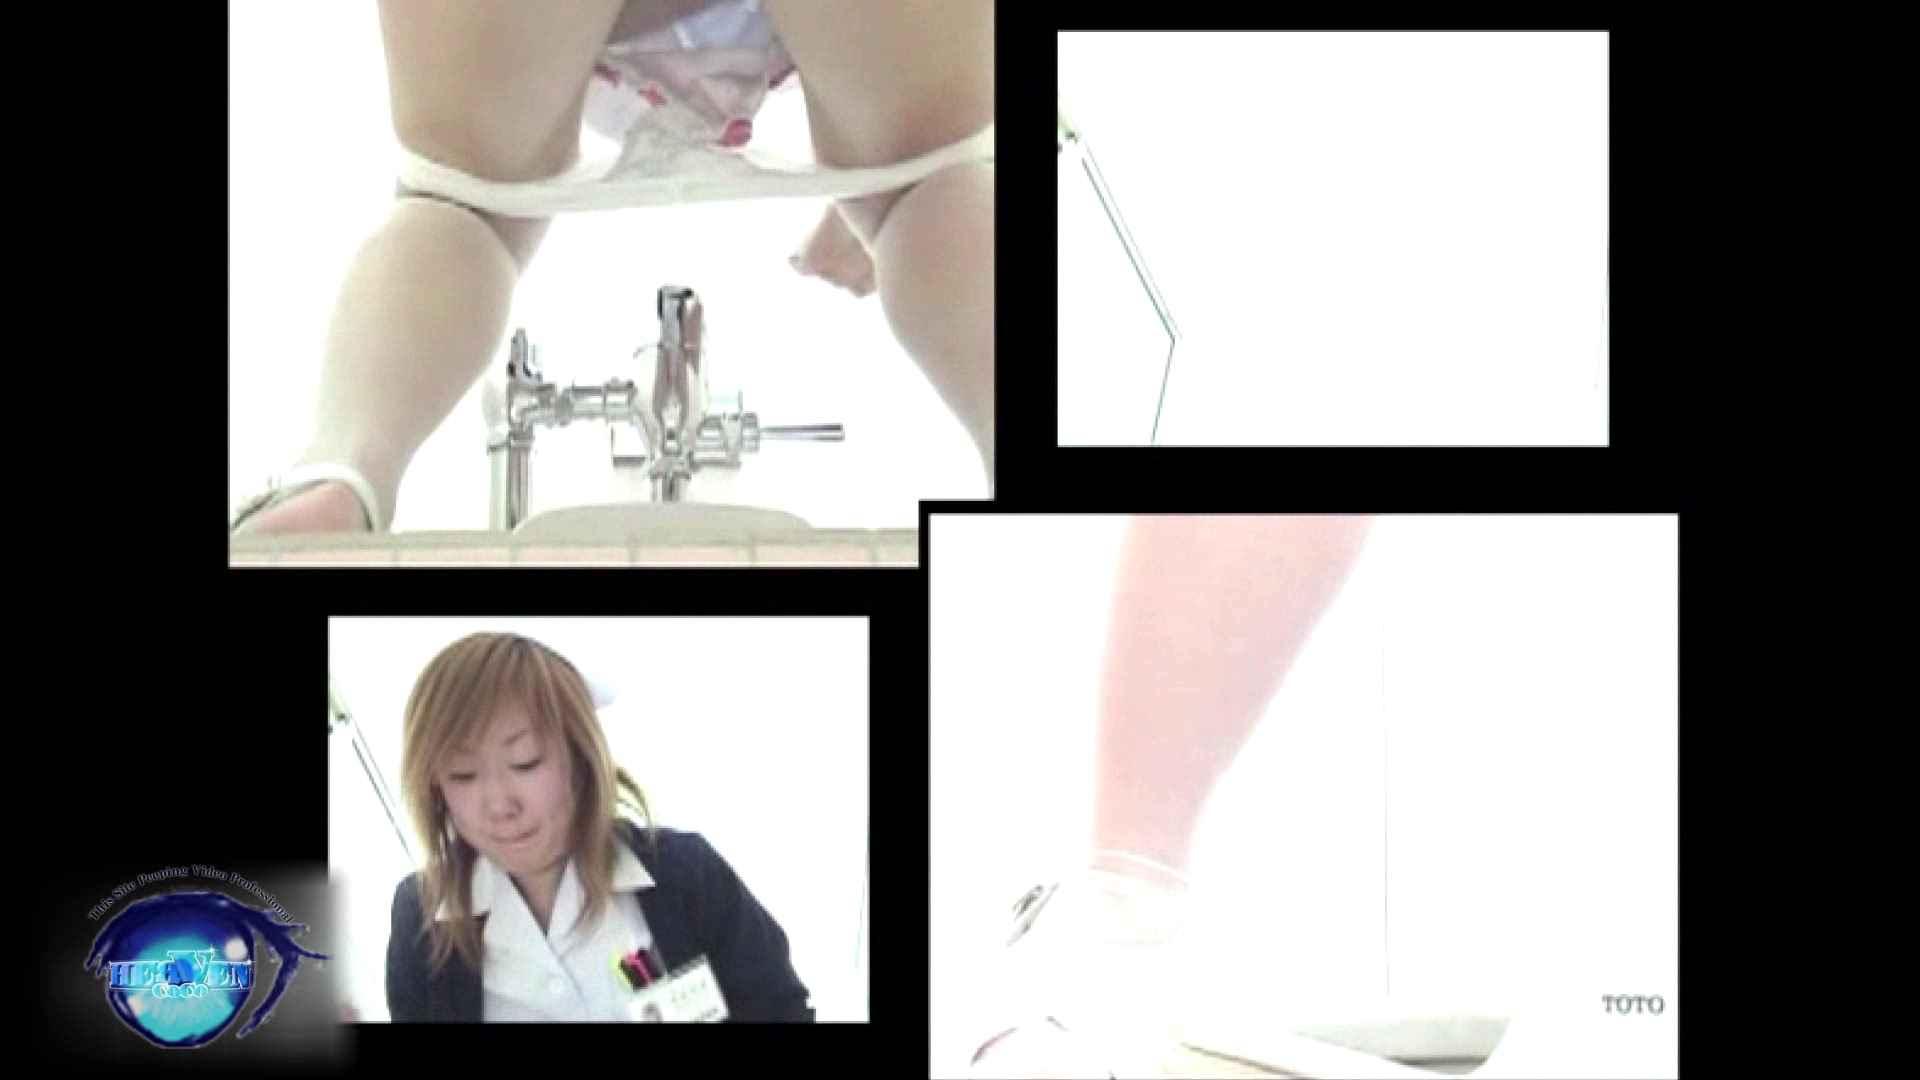 都内某大学病院 和式イ更所盗撮 その⑧ 3名 女医エロ画像 盗撮われめAV動画紹介 81PICs 59